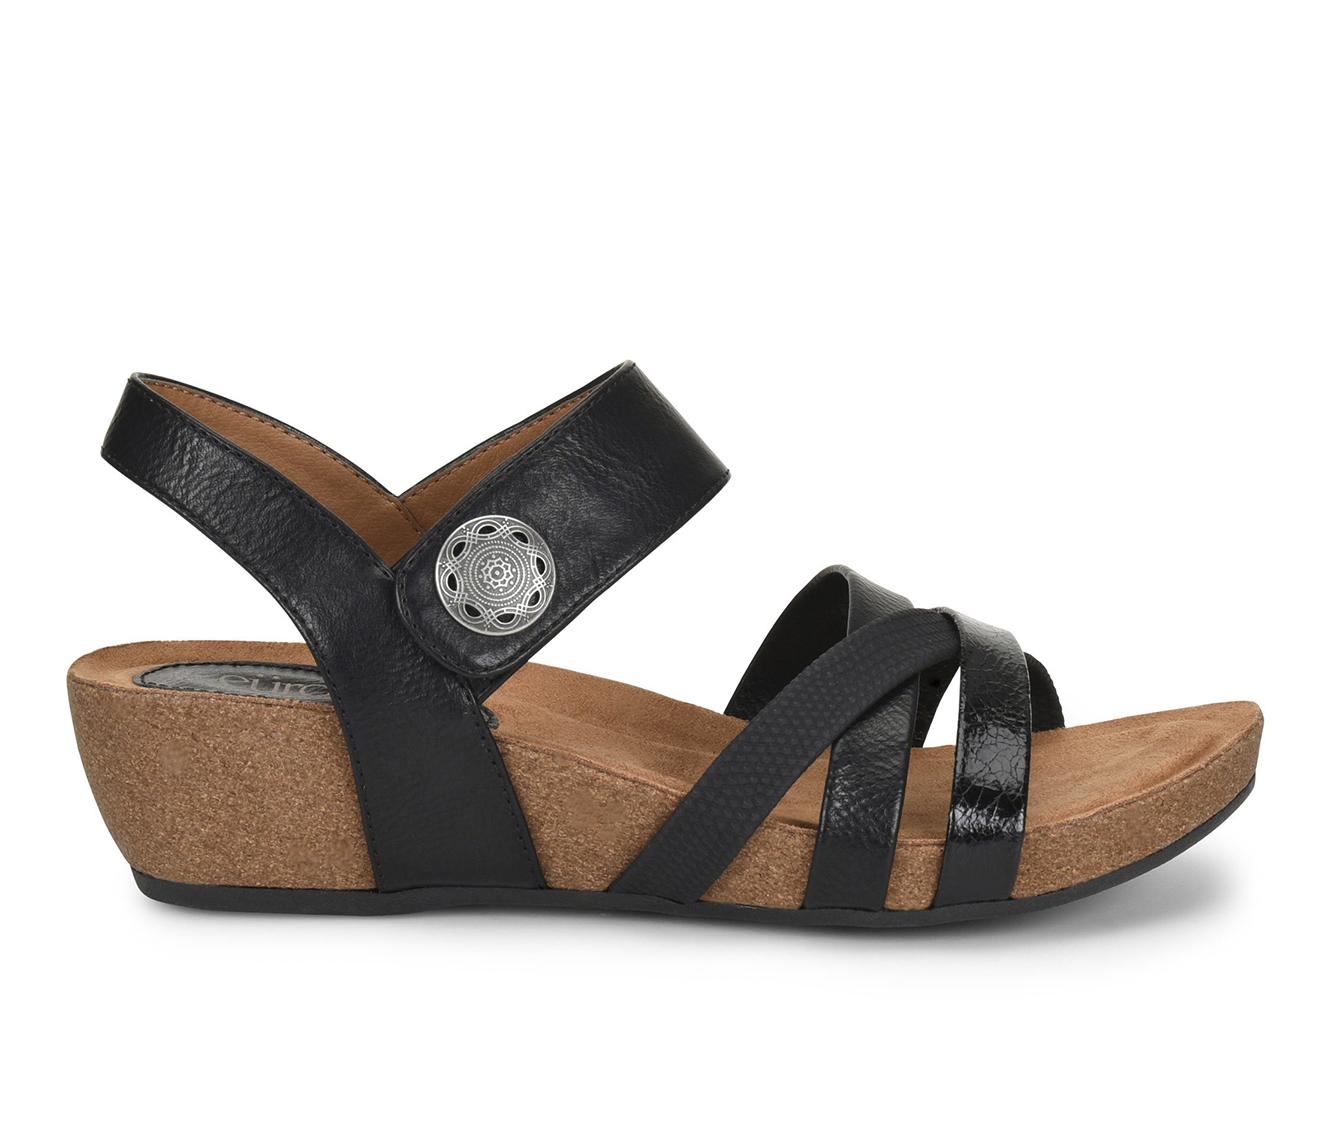 EuroSoft Renae Women's Sandal (Black Faux Leather)